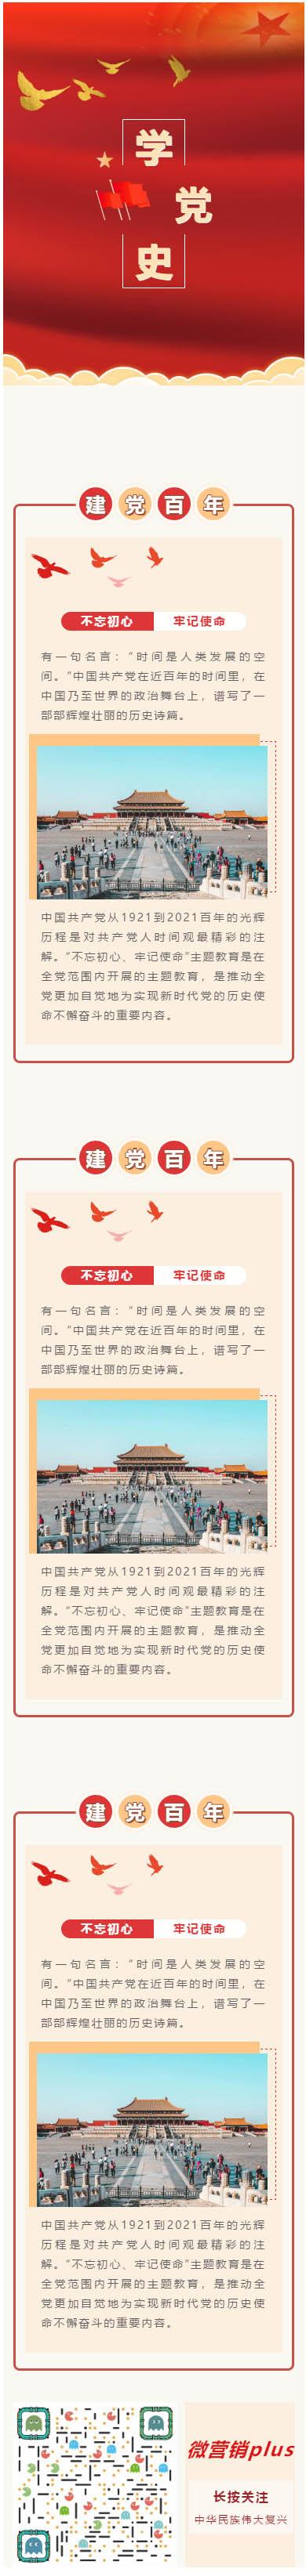 学党史建党百年微信公众号党政模板推文素材推送文章